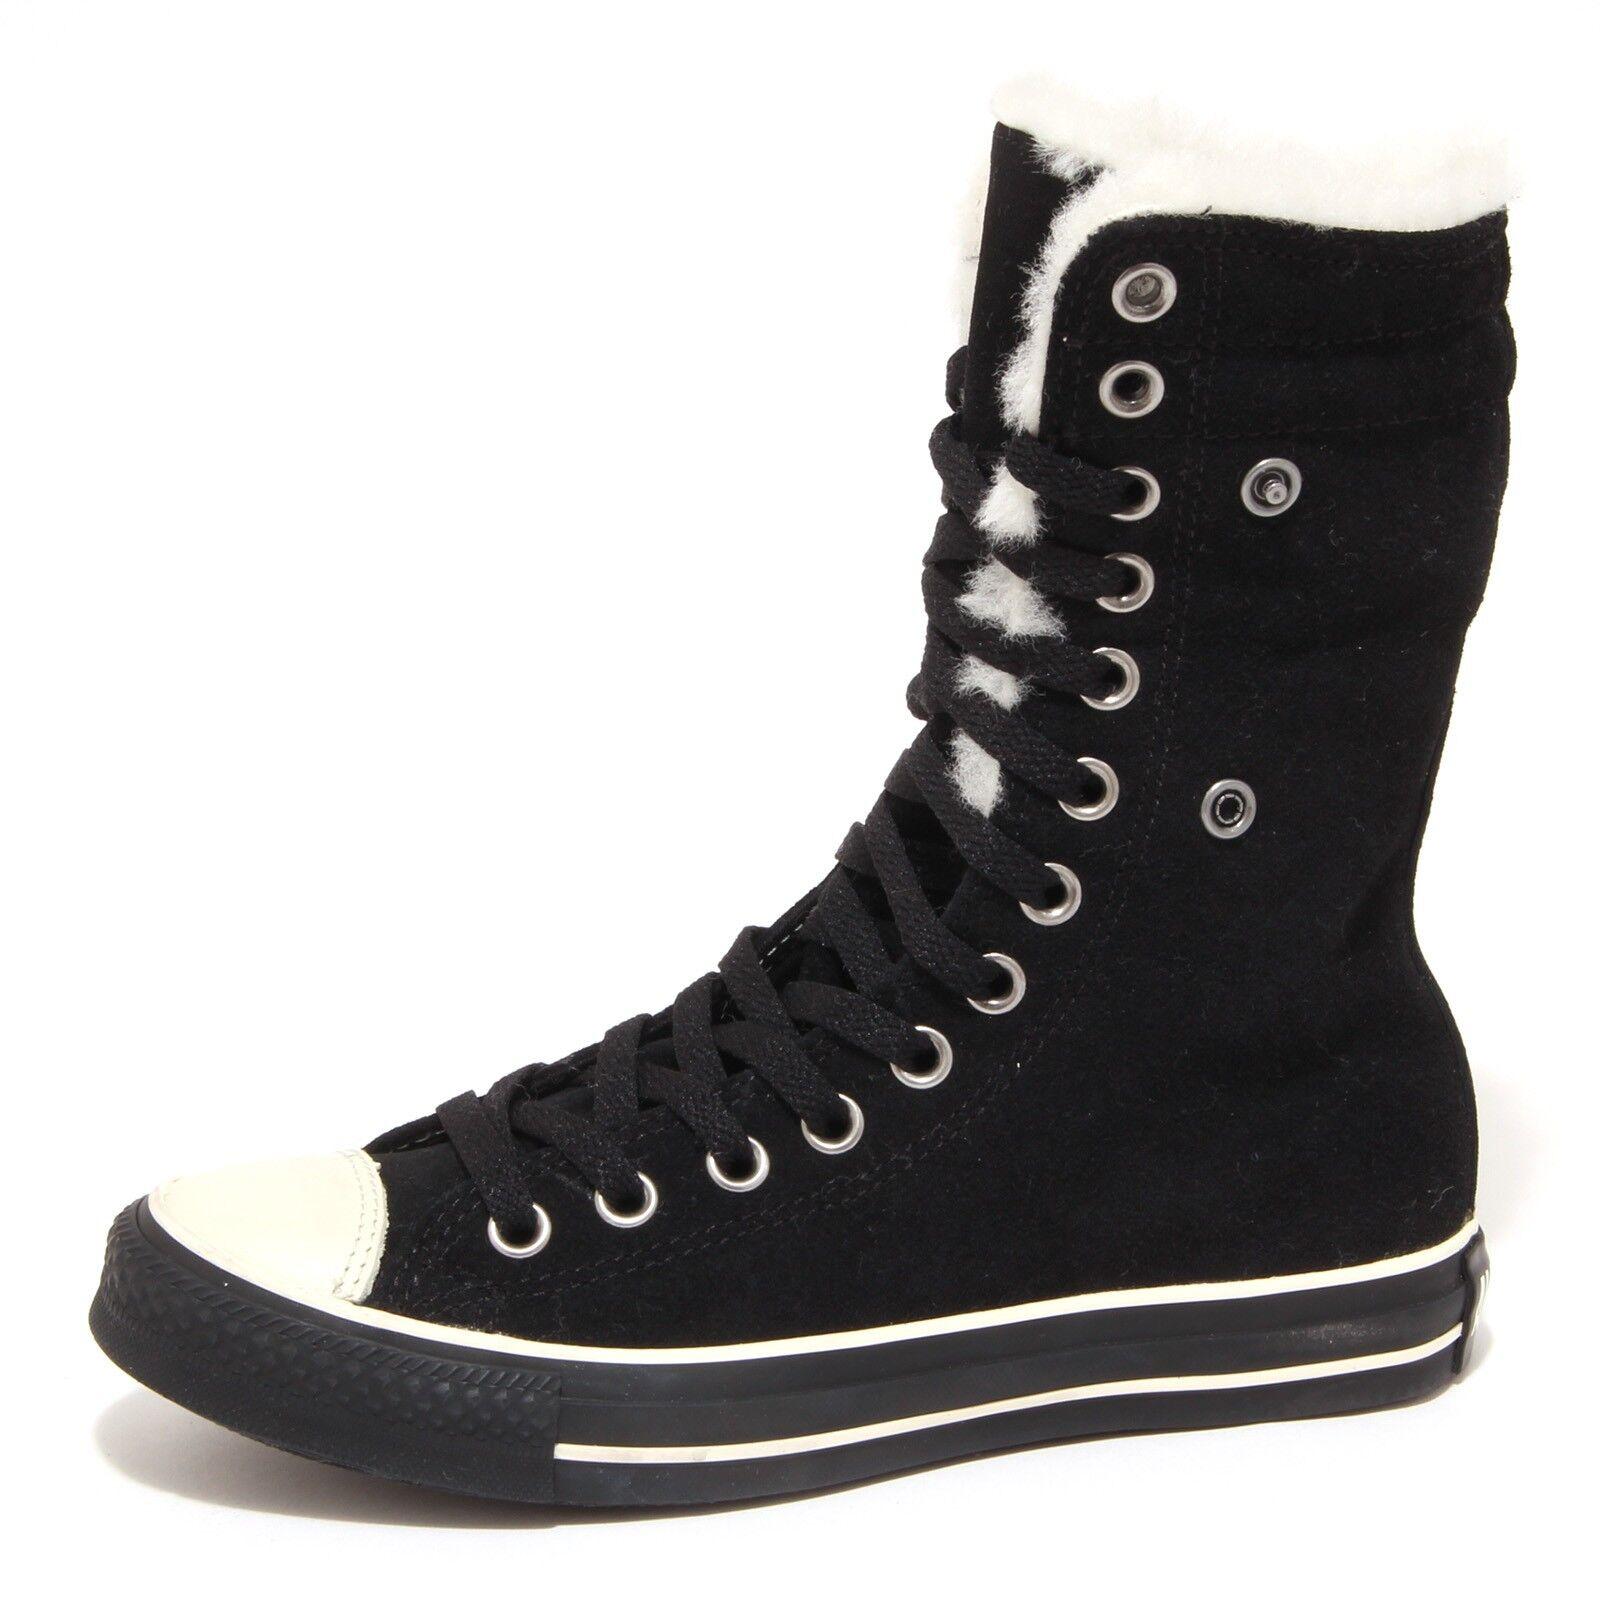 7336p zapatillas converse converse converse all star negro Scarpa mujer zapatos Woman  artículos novedosos